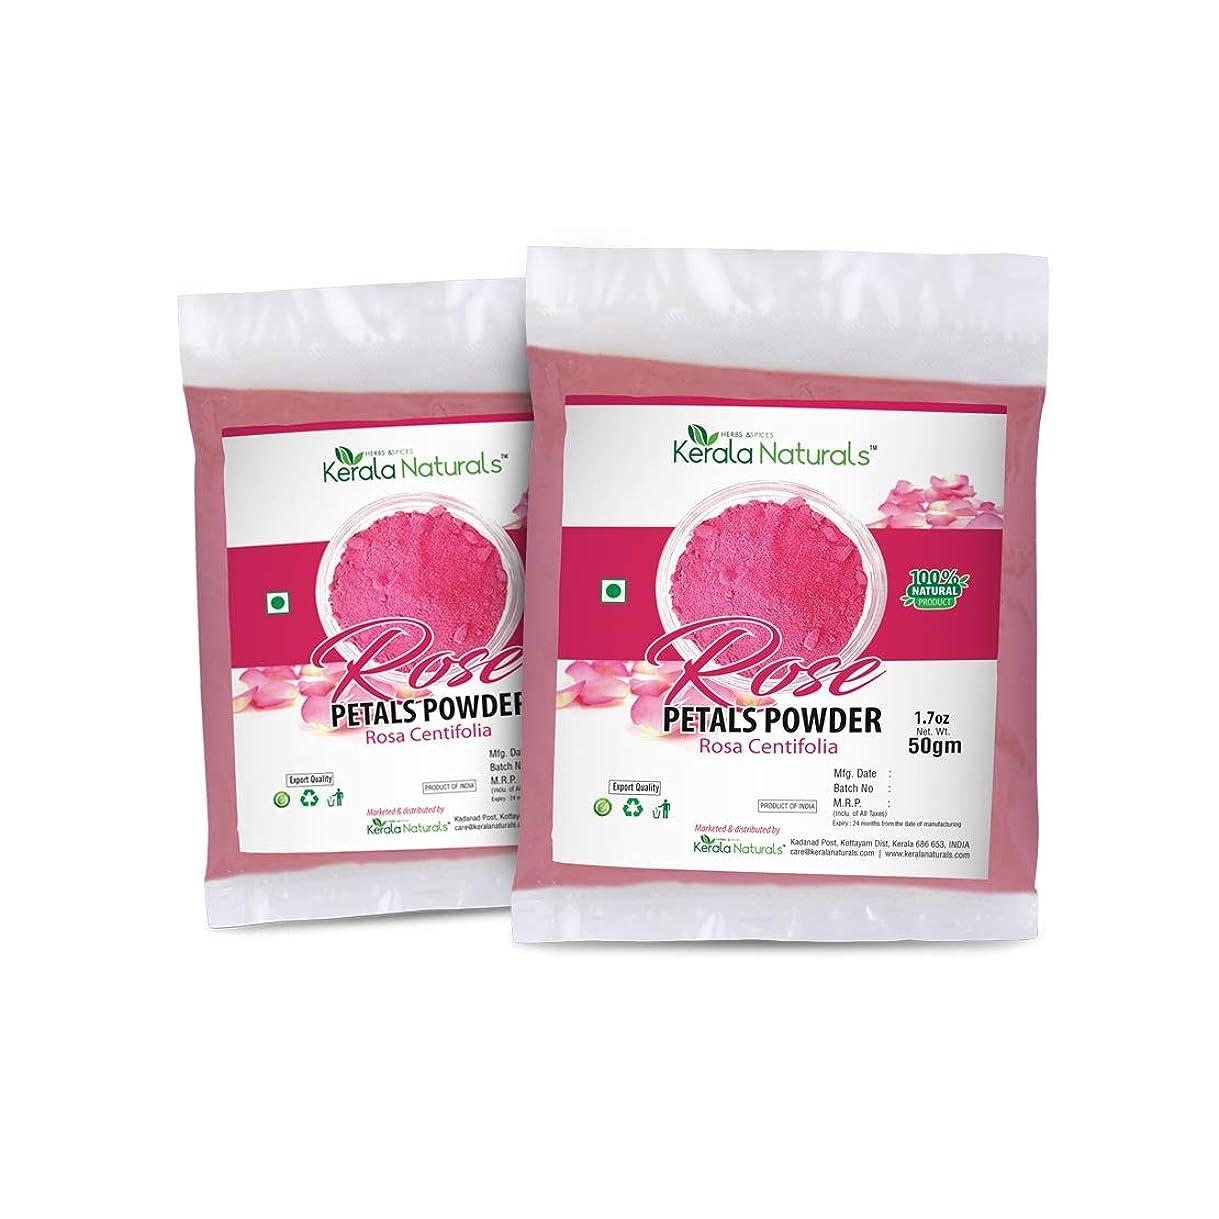 誘惑はちみつパースブラックボロウRose Petals Powder (Rosa Centifolia) for Anti Ageing- 100gm (50gm x 2 Packs) - Rejuvenating and Moisturising Face pack - Skin Brightening and even tone - アンチエイジング用のバラの花びらパウダー(Rosa Centifolia)-100gm-若返りと保湿のフェイスパック-肌の輝きと均一なトーン